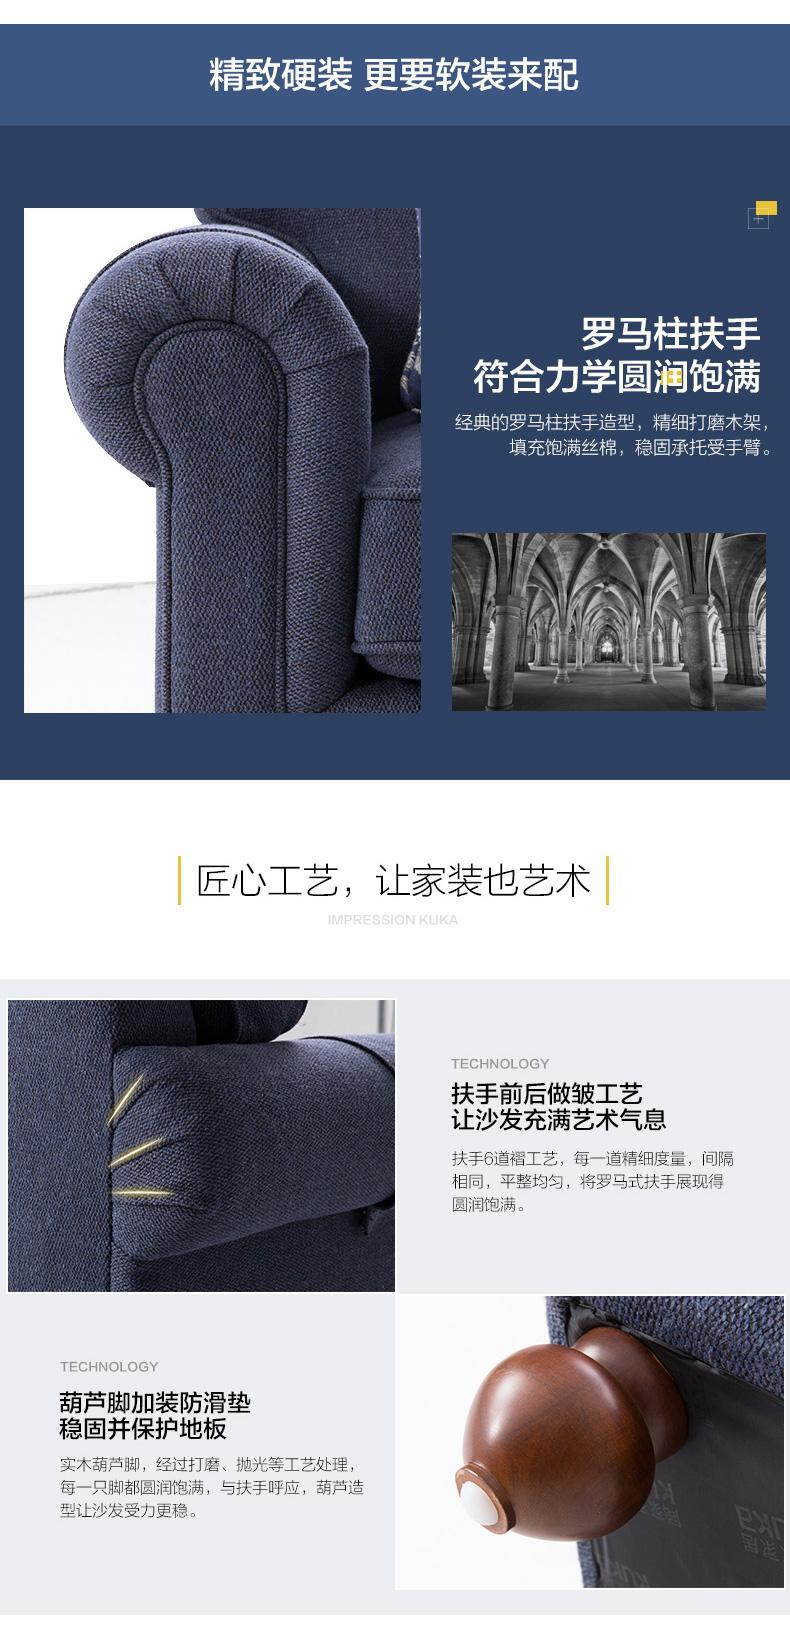 顾家-简约美式可拆洗布艺沙发2030_06.jpg